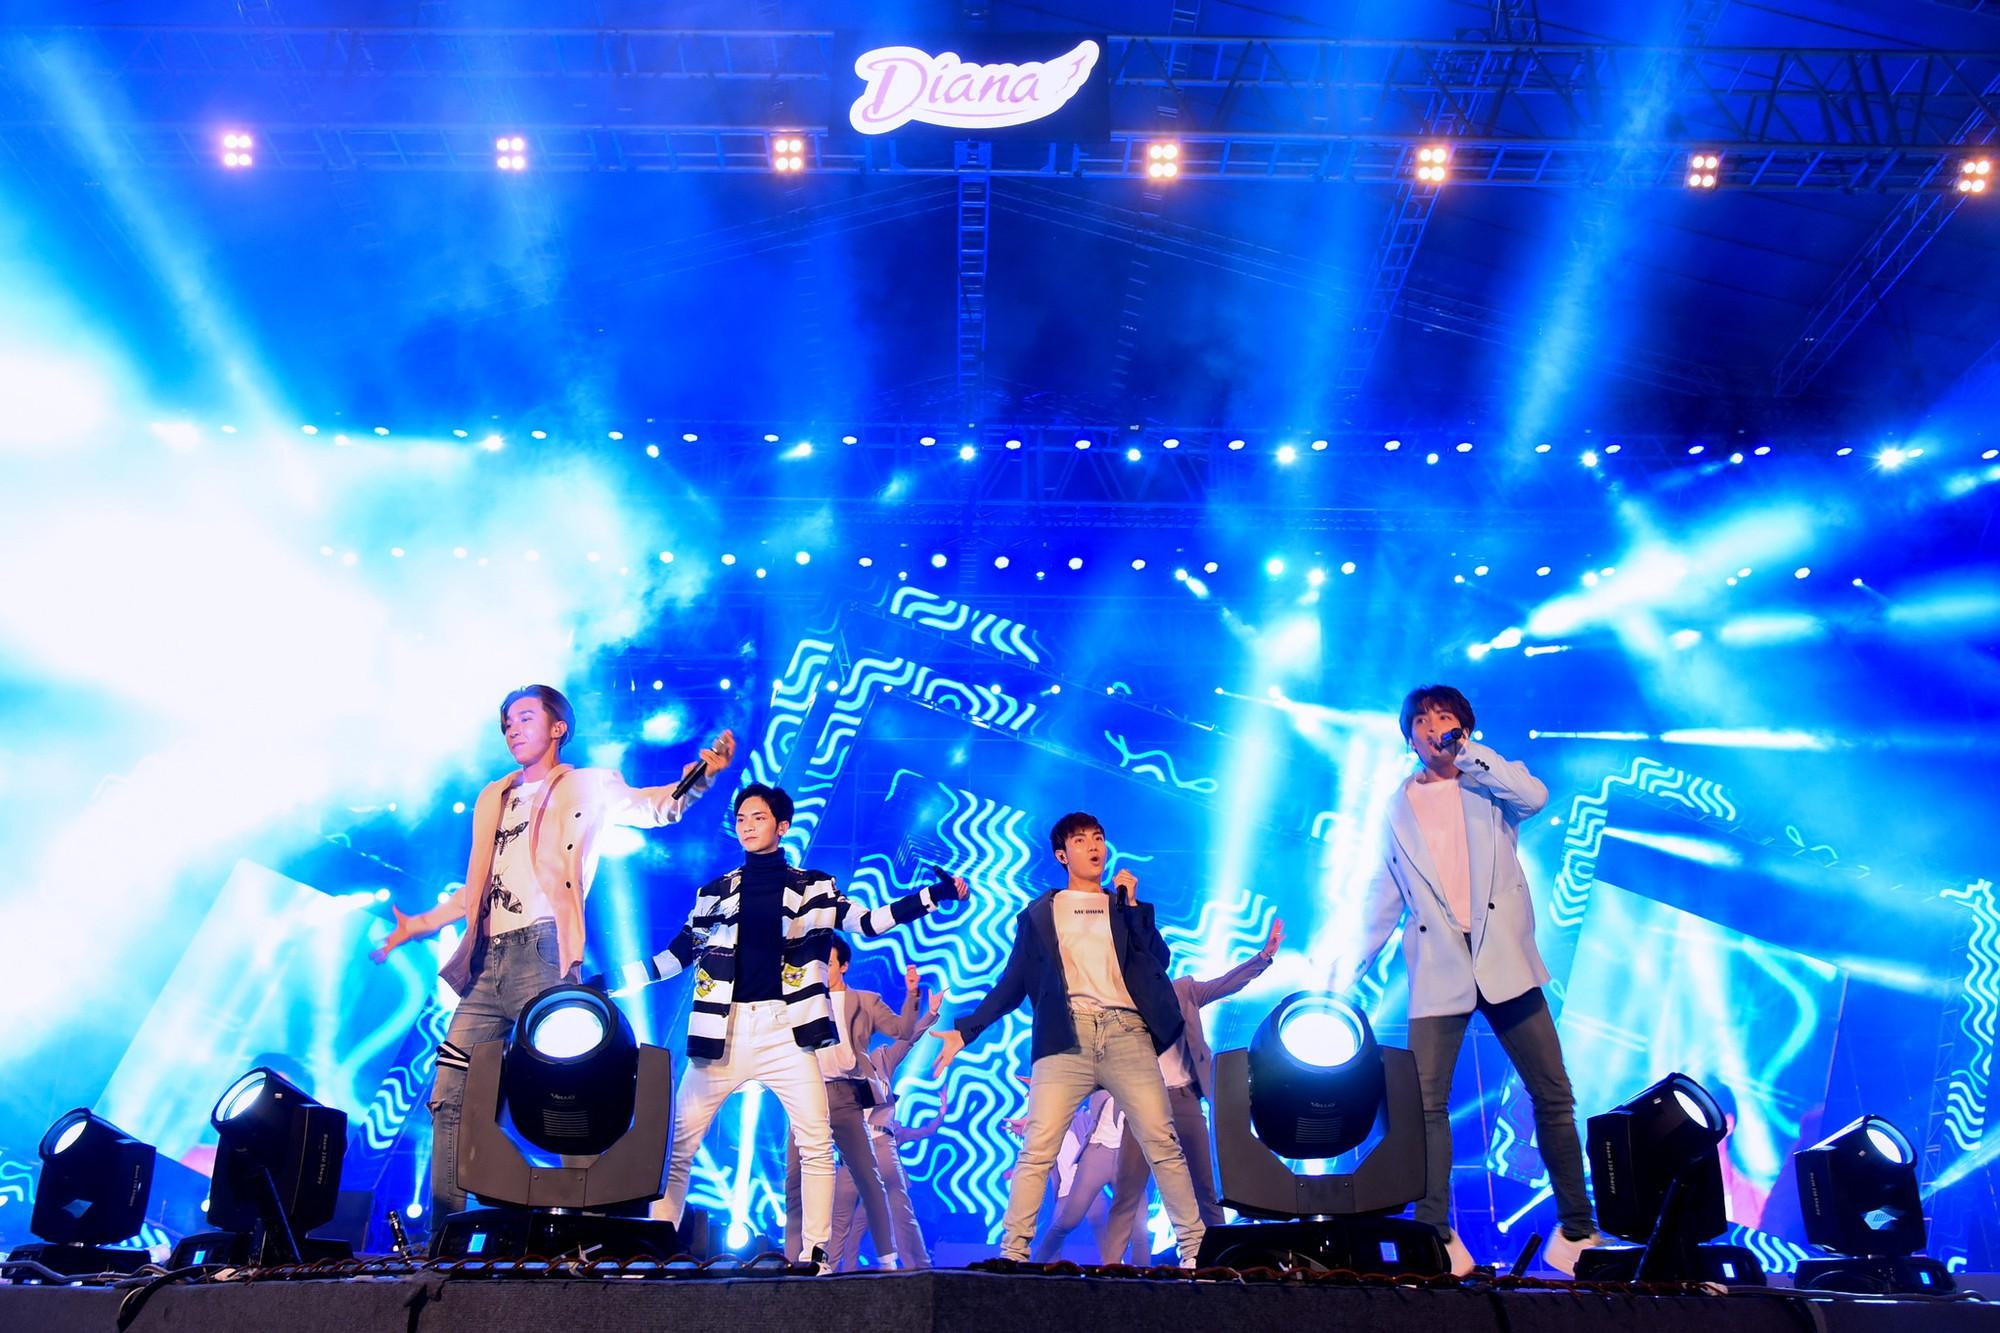 Sơn Tùng M-TP và dàn sao đình đám khuấy động Đại nhạc hội tại Cần Thơ - Ảnh 3.